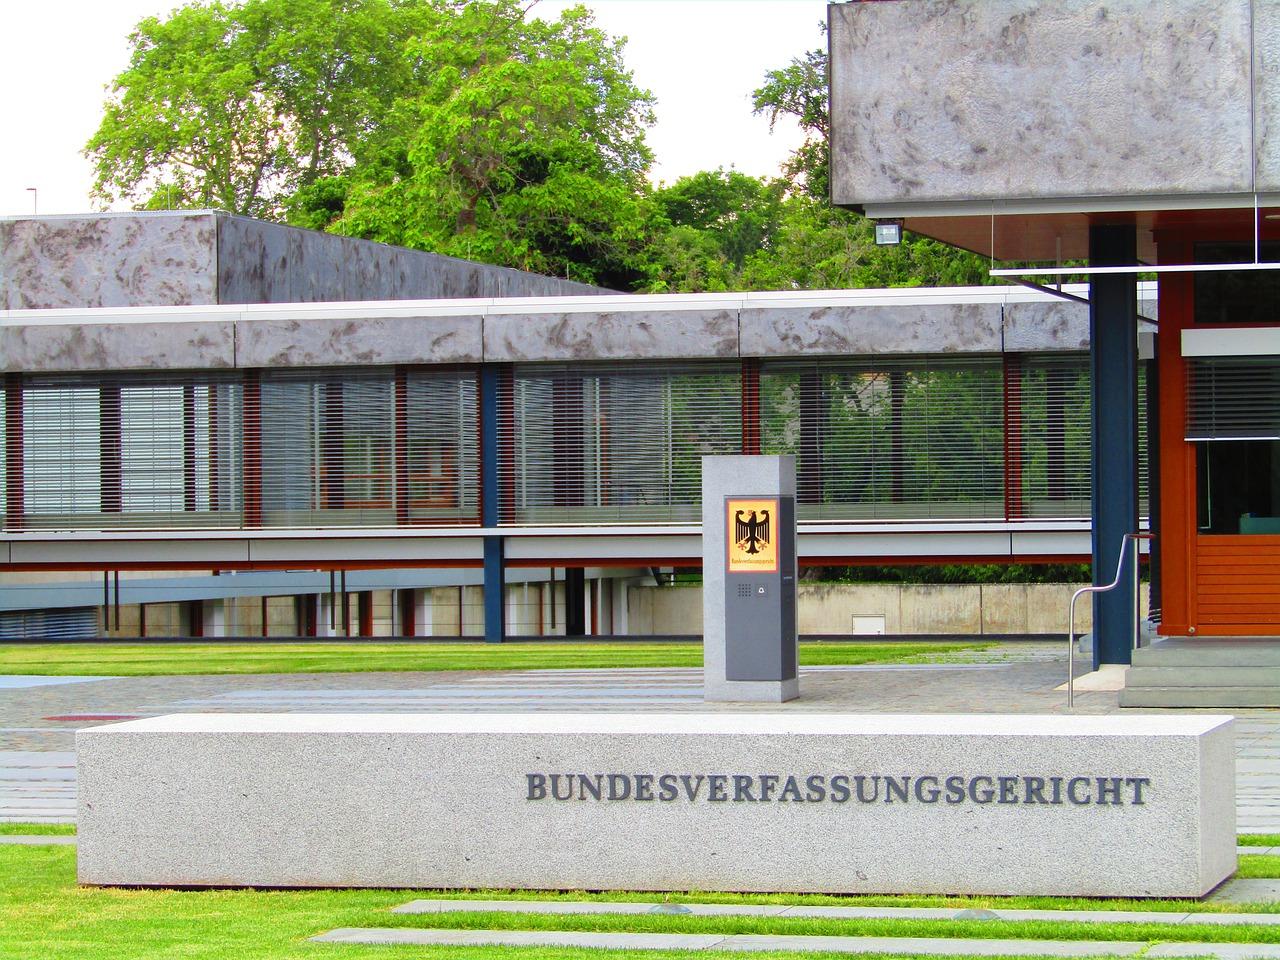 Cour de Karlsruhe, plan de relance, UE, euro, cour constitutionnelle, allemagne